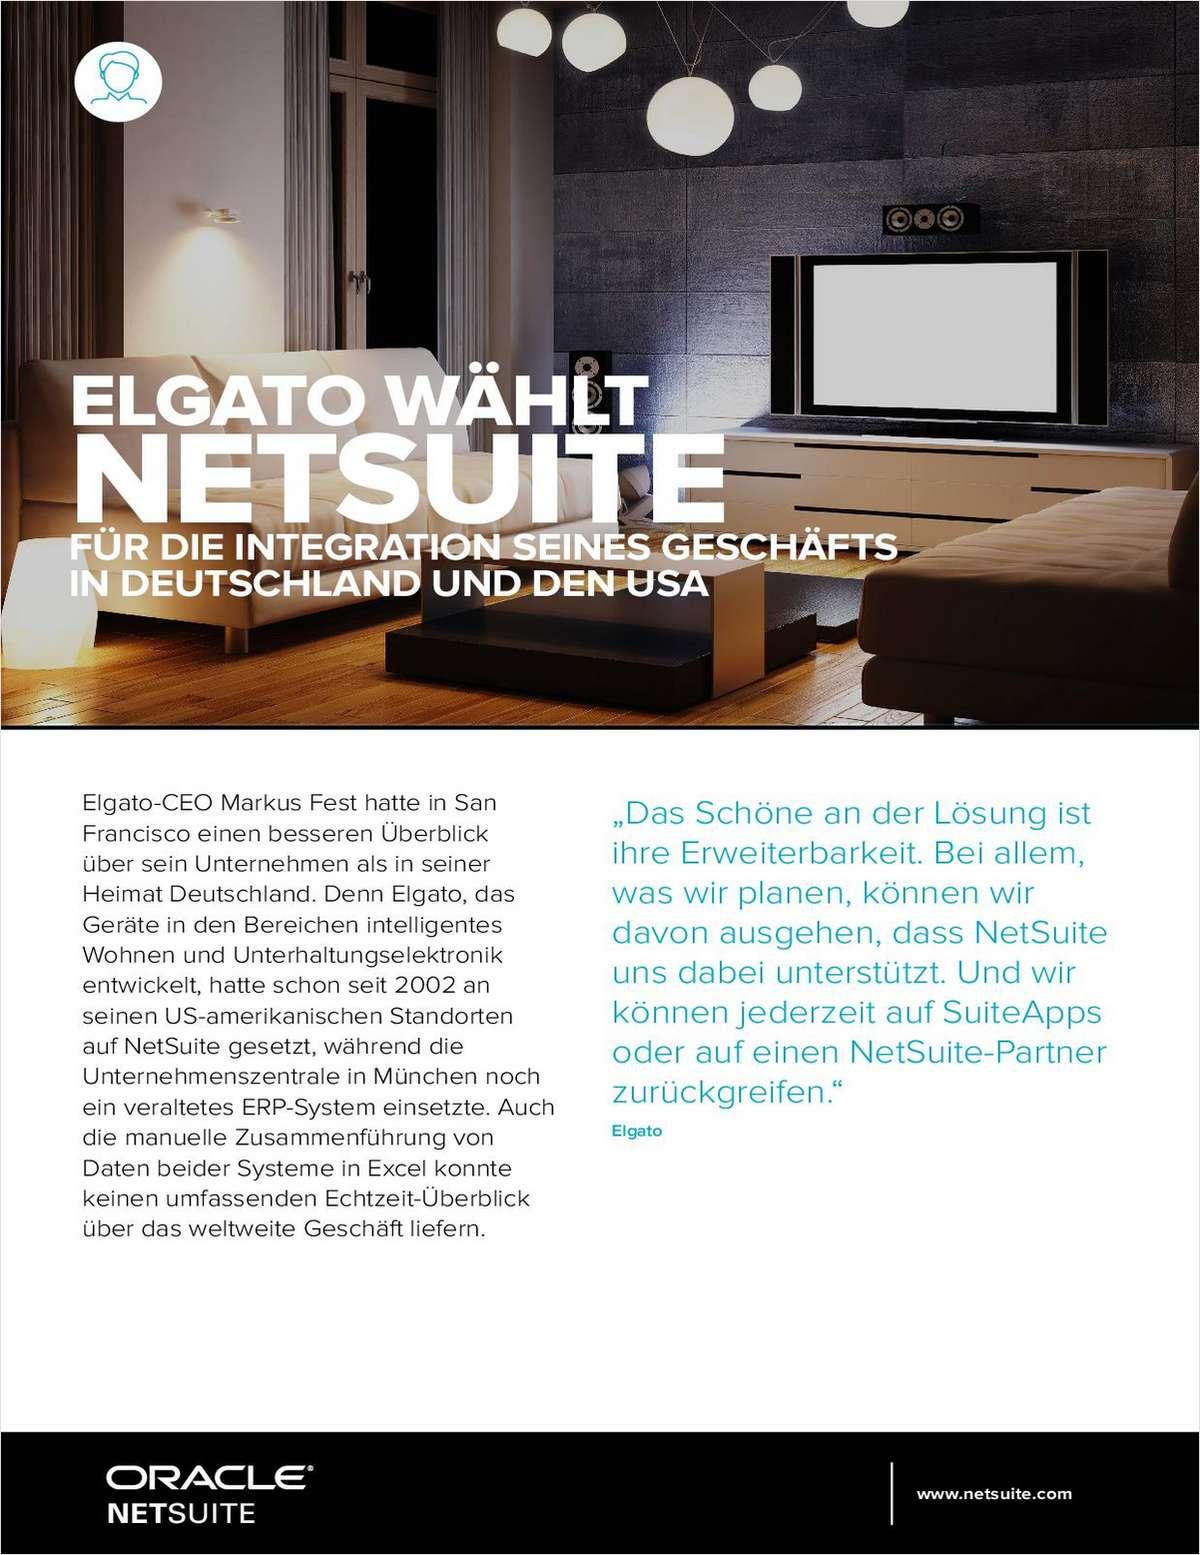 Elgato wahlt NetSuite fur die integration seines geschafts in Deutschland and den USA